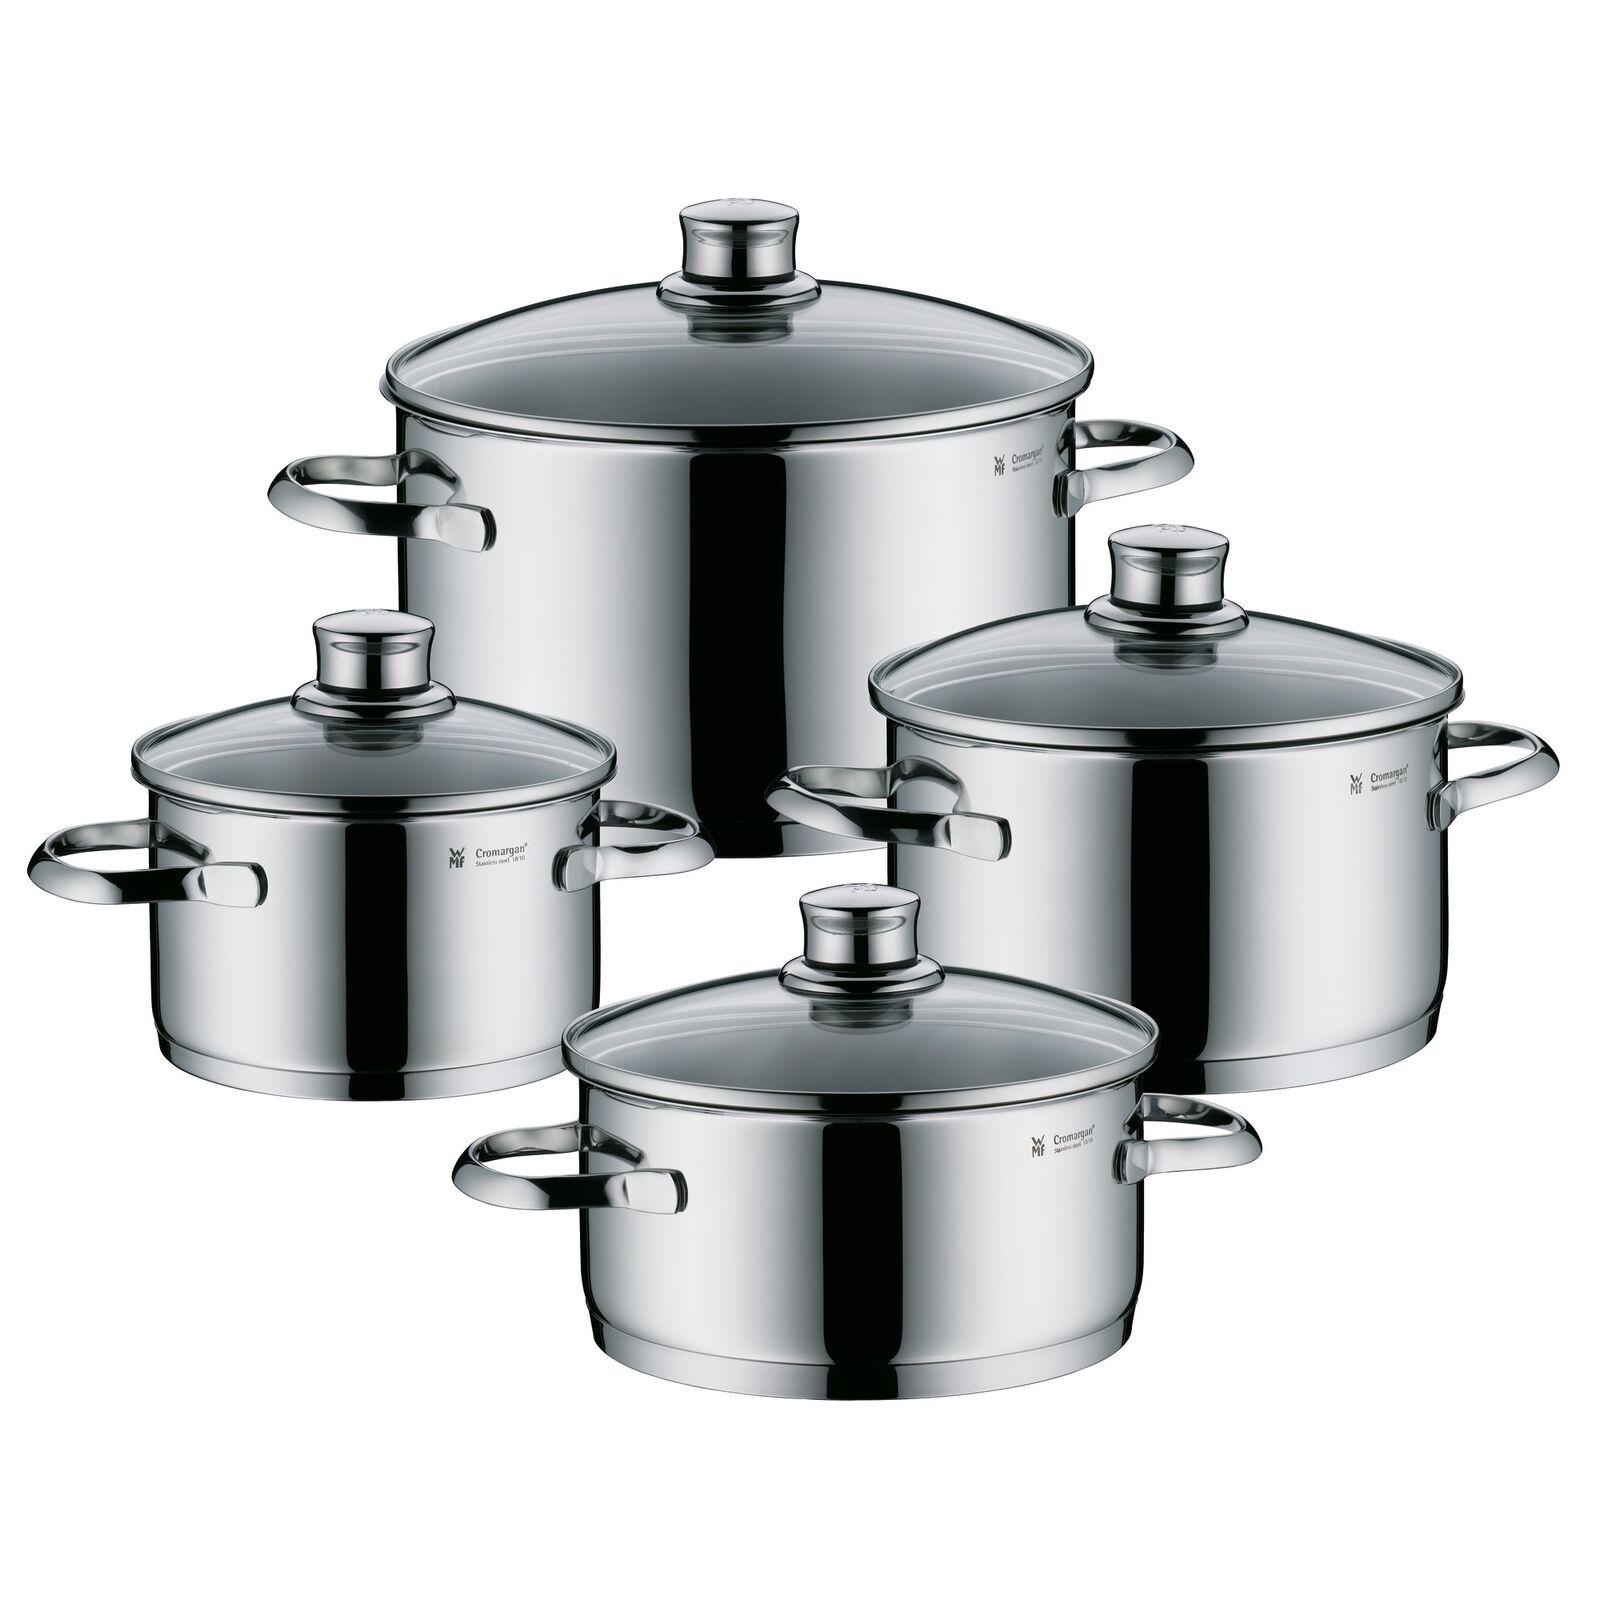 WMF olla-set zafiro 4 piezas de acero inoxidable inoxidable NUEVO